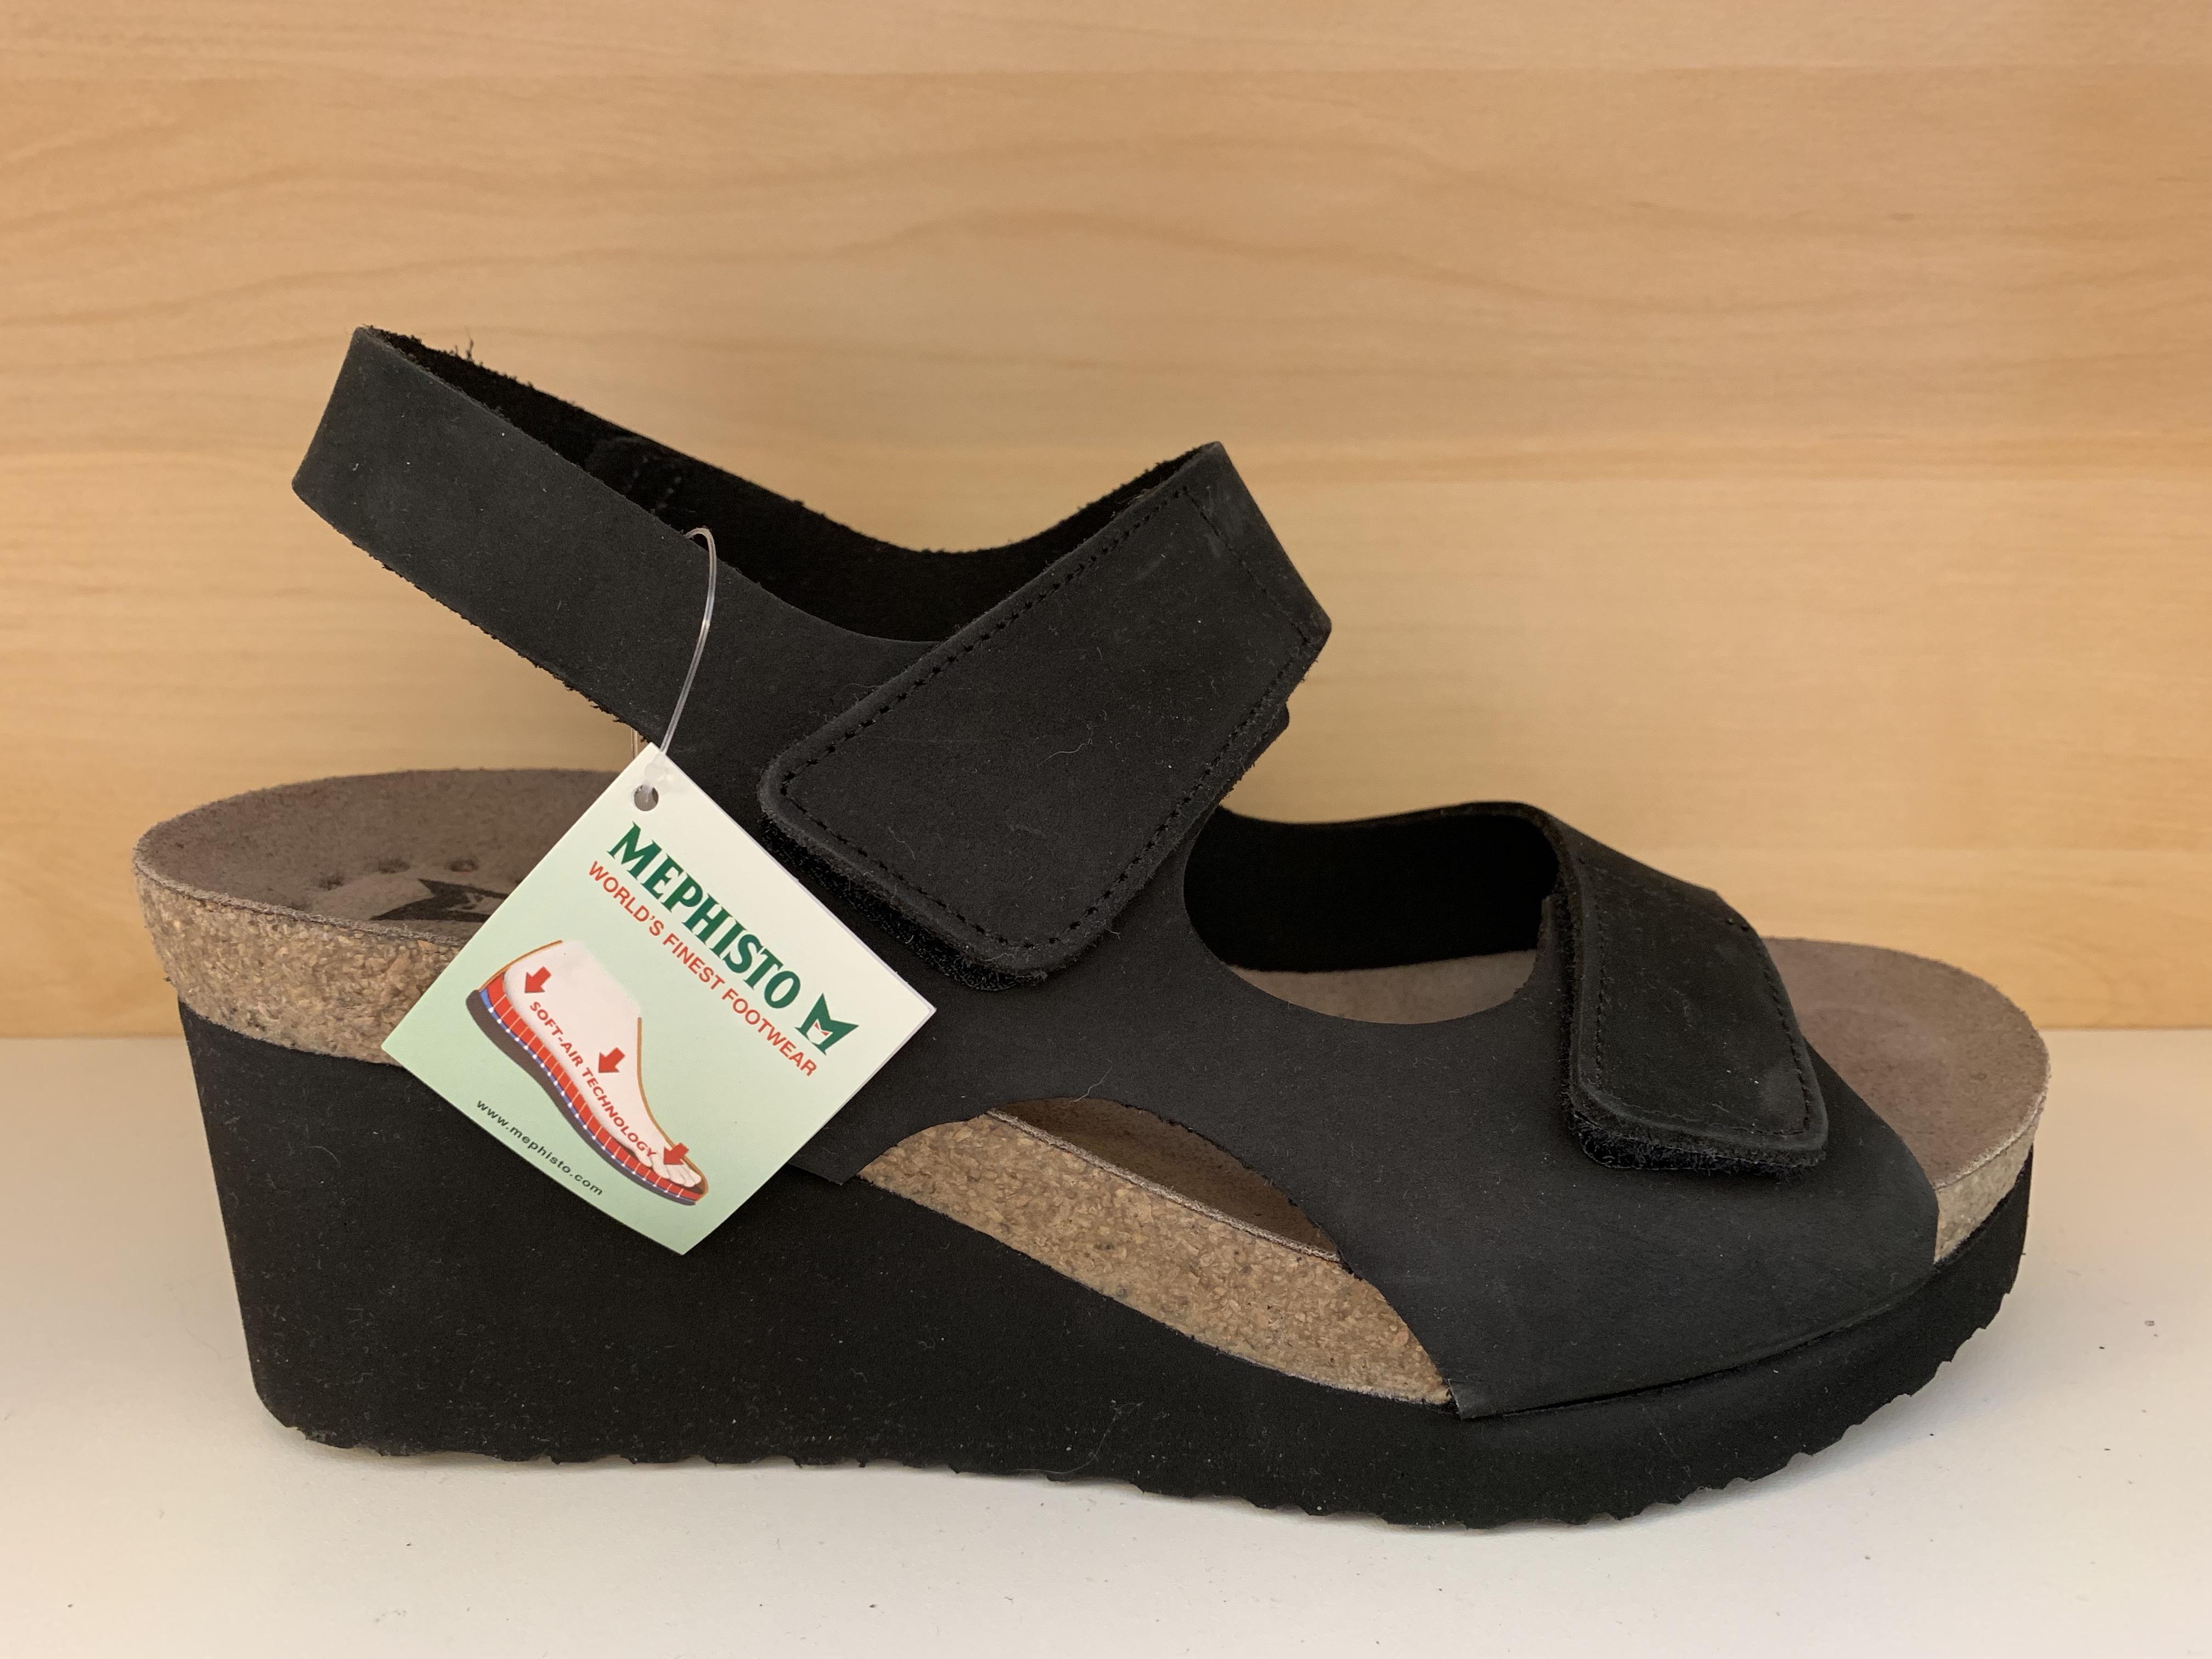 9f8064de1fa Svart skinnsandal MEPHISTO. Air-Relax innersula. Kardborband. Kilklack 7  cm, men skorna känns inte så höga, jättesköna.